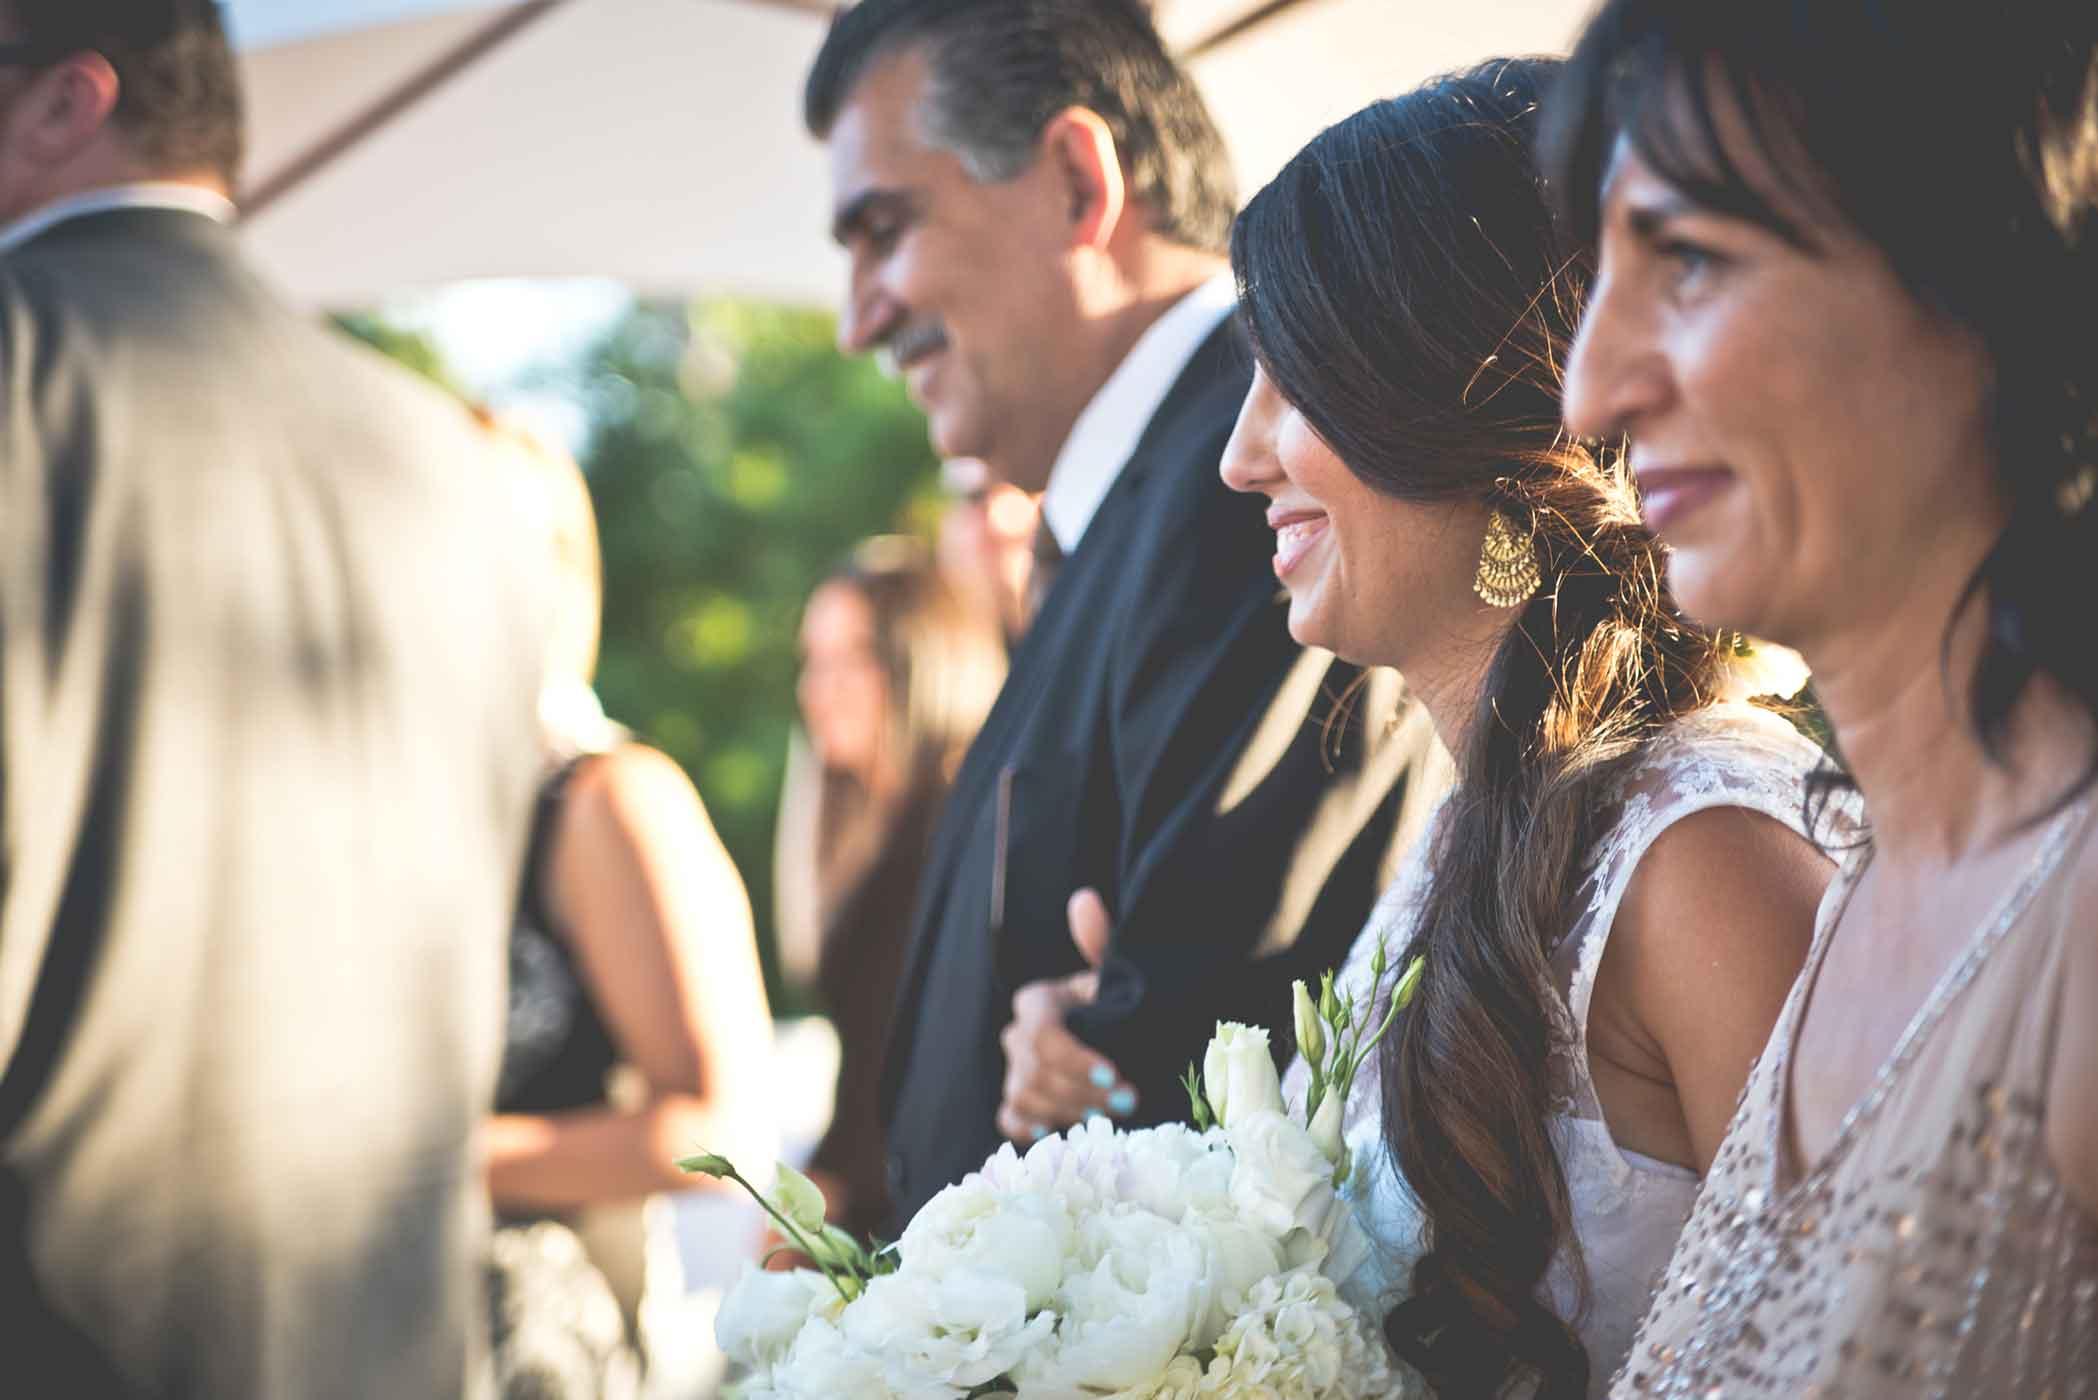 smlNahal-+-Joe-Wedding---Aug-2015-87.jpg